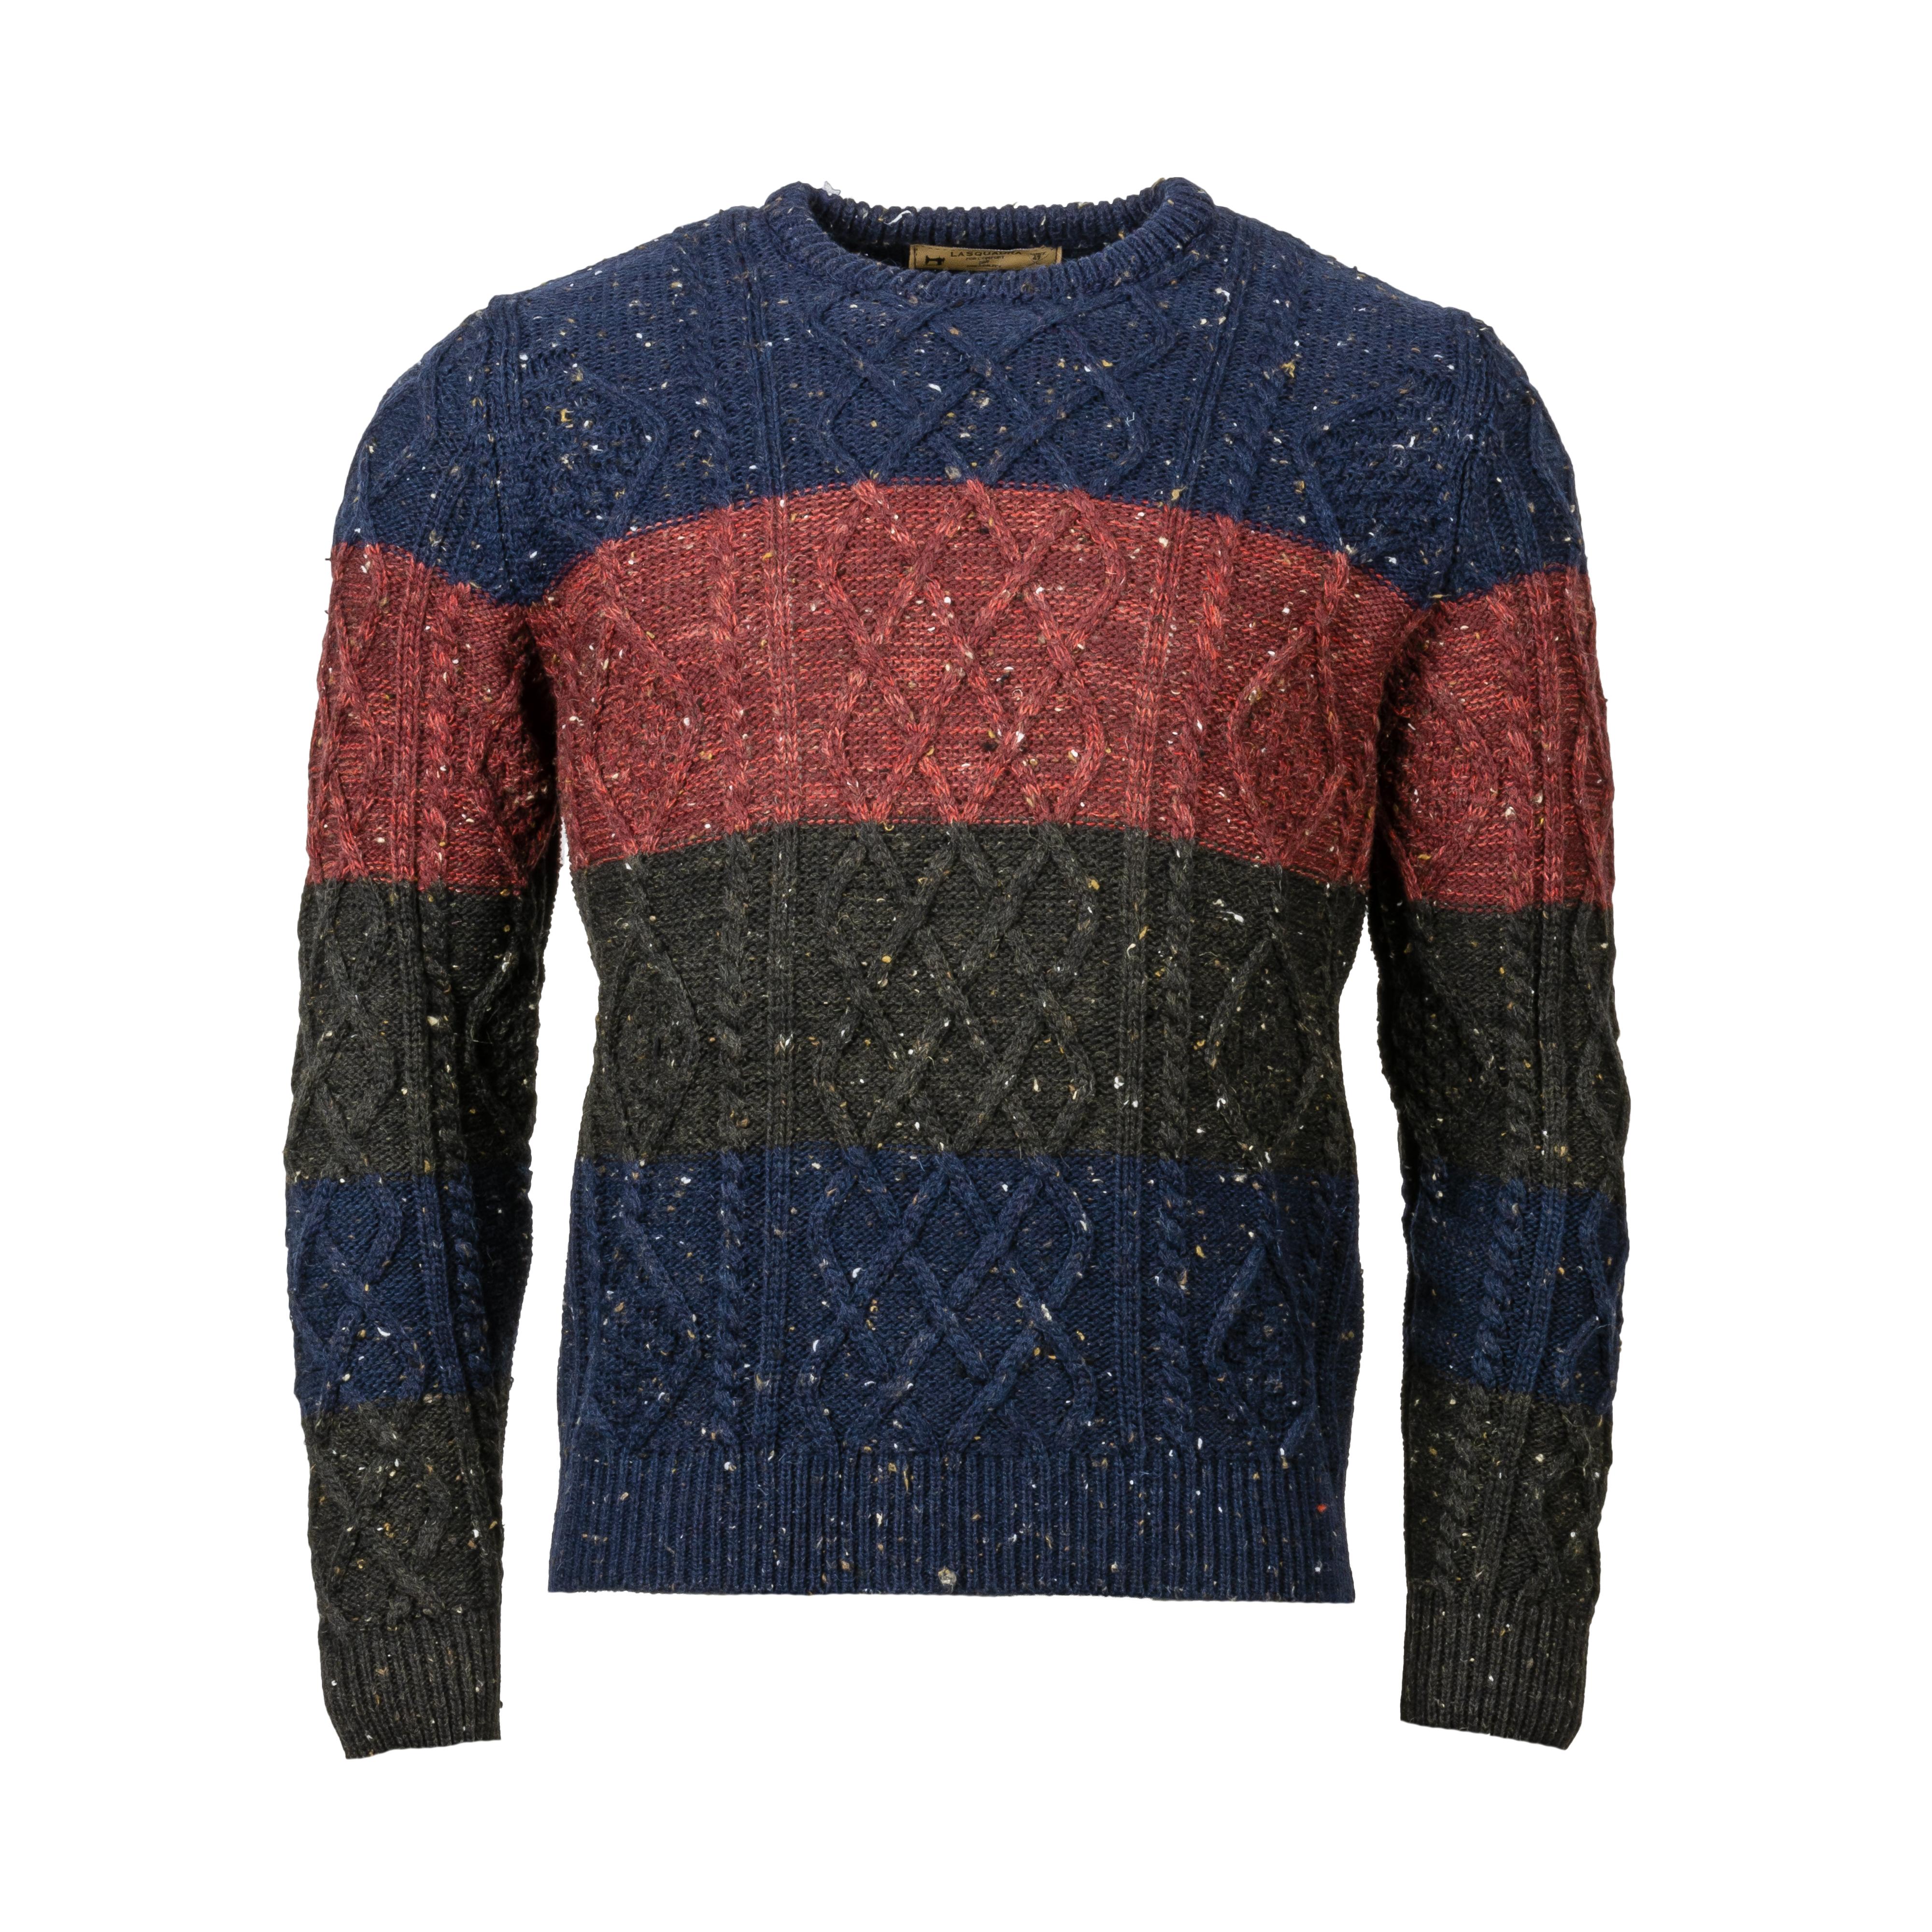 Pull col rond La Squadra Politano en laine mélangée rayée en bleu marine, rouge et gris anthracite